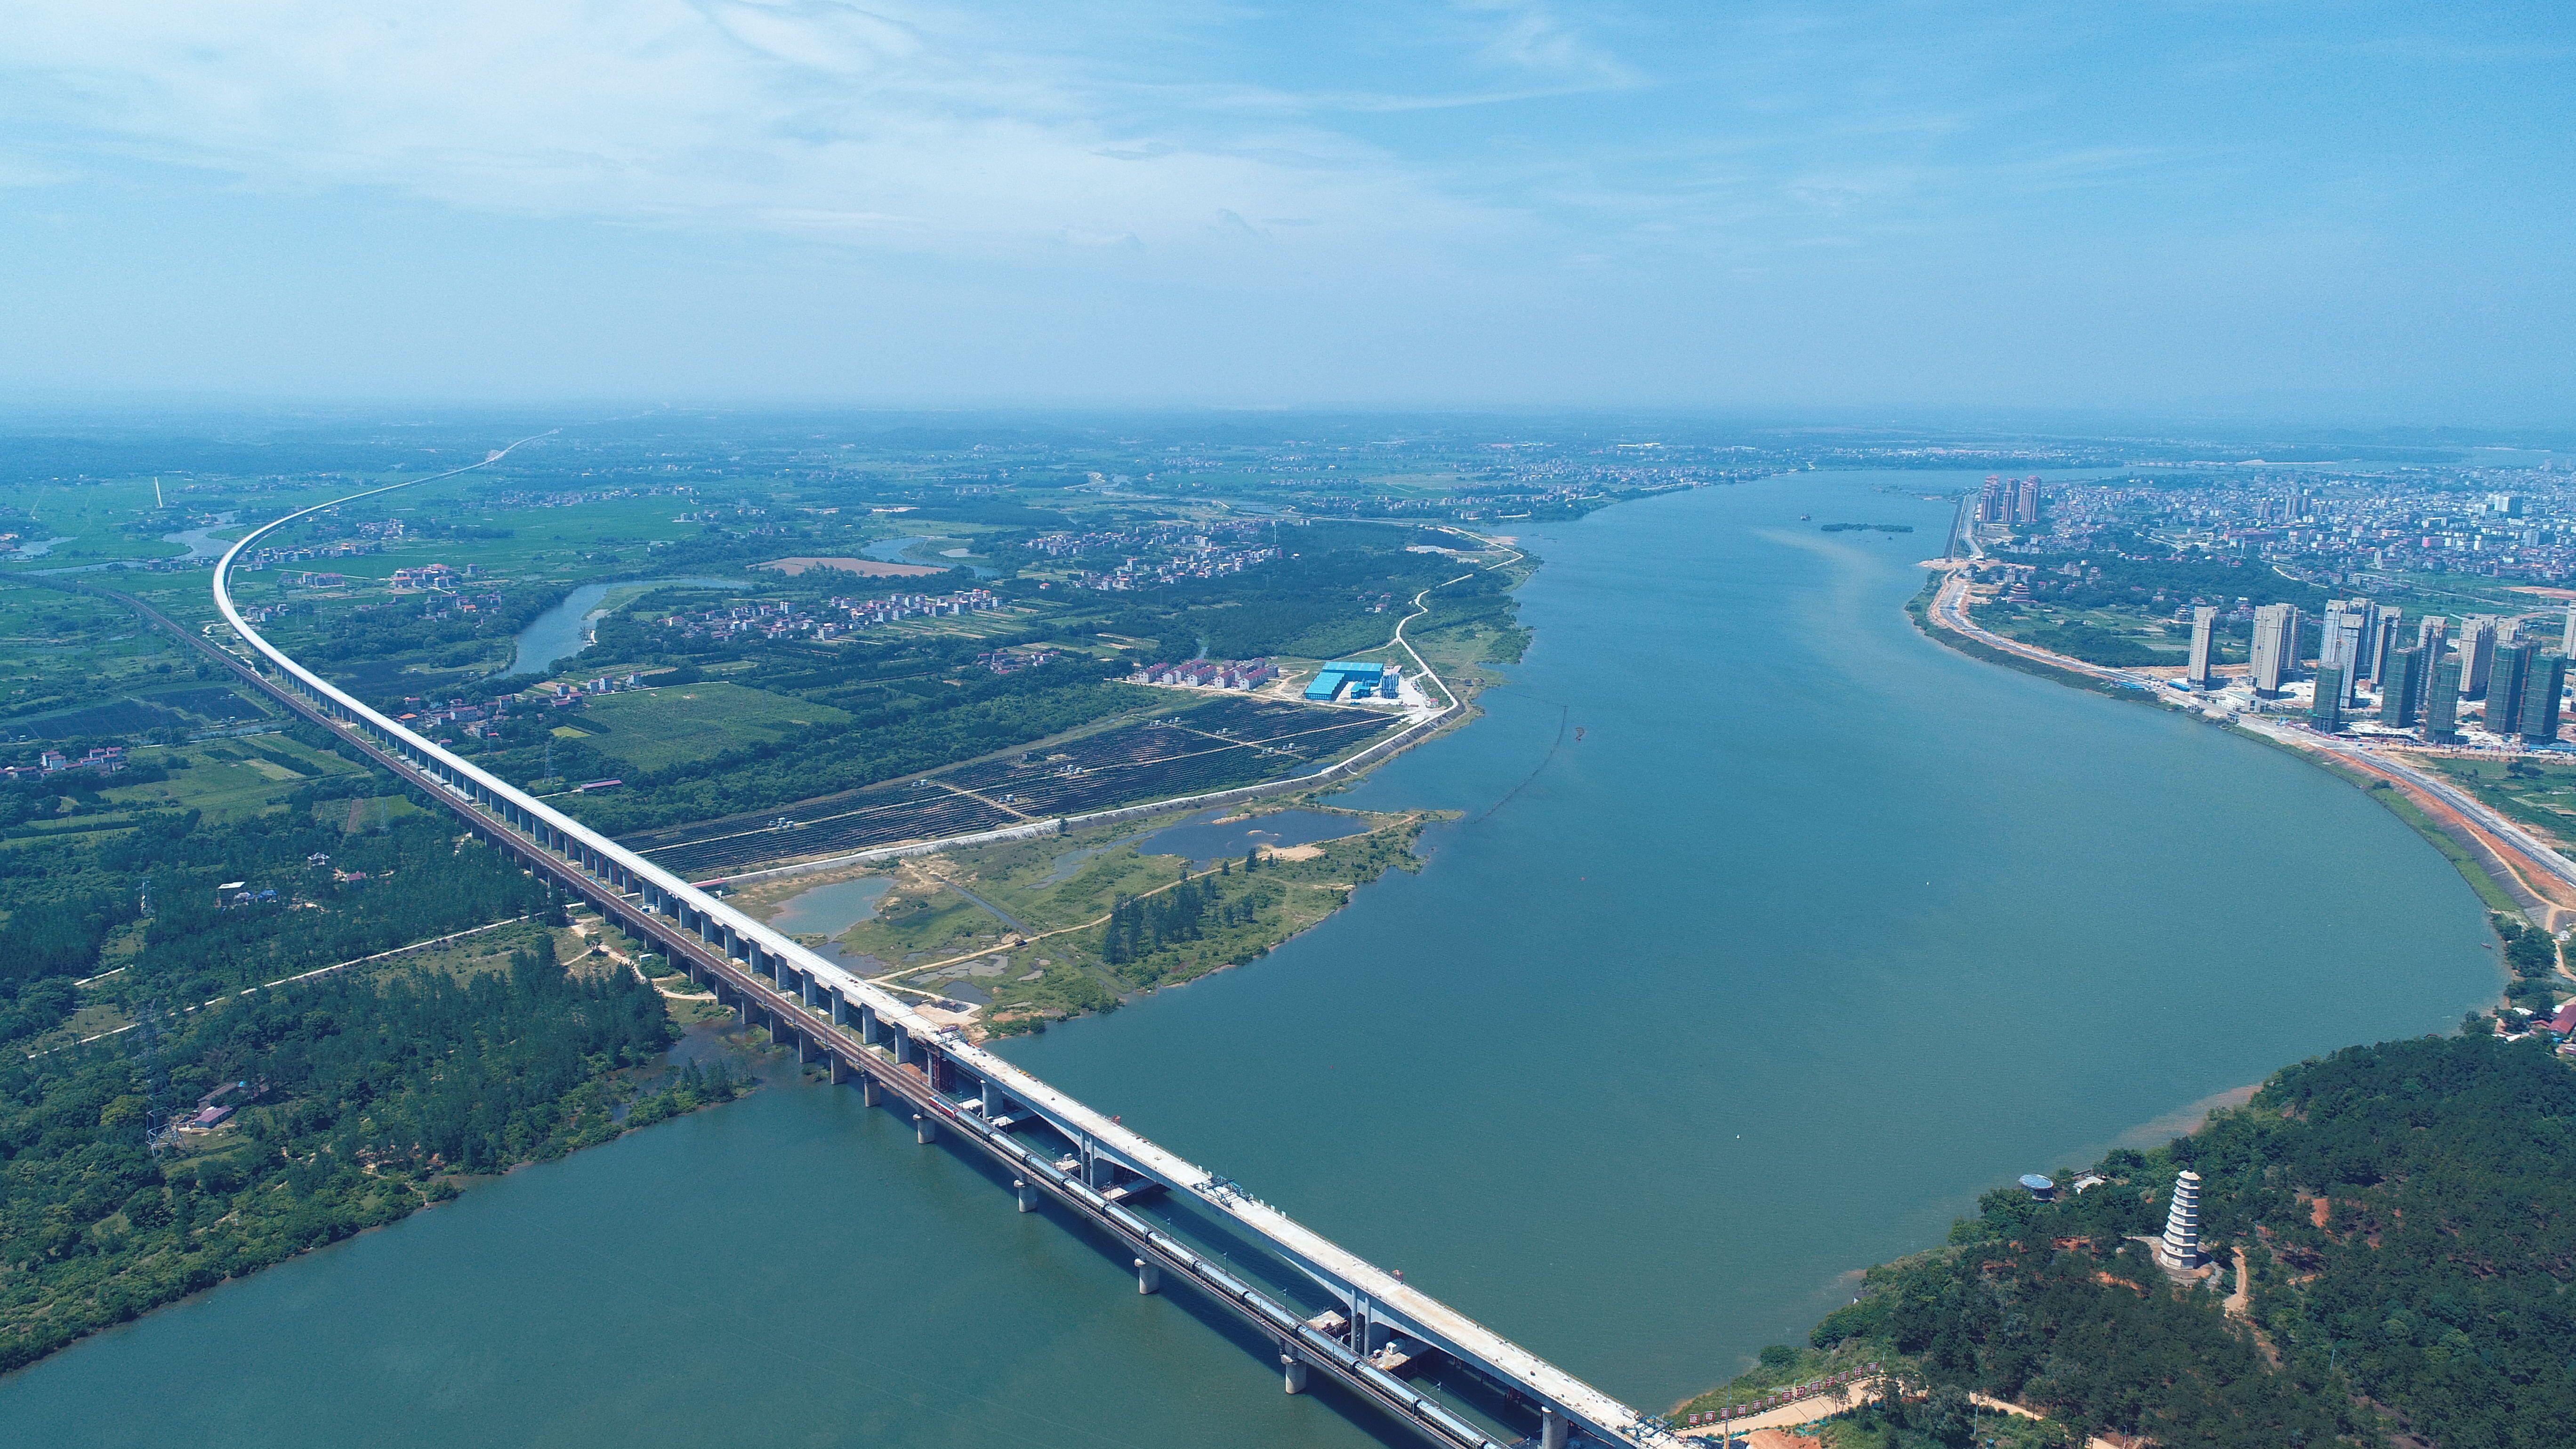 安徽省新建1条高细铁丝,项目投资总额度约307.5五亿,这种小县里将要兴起